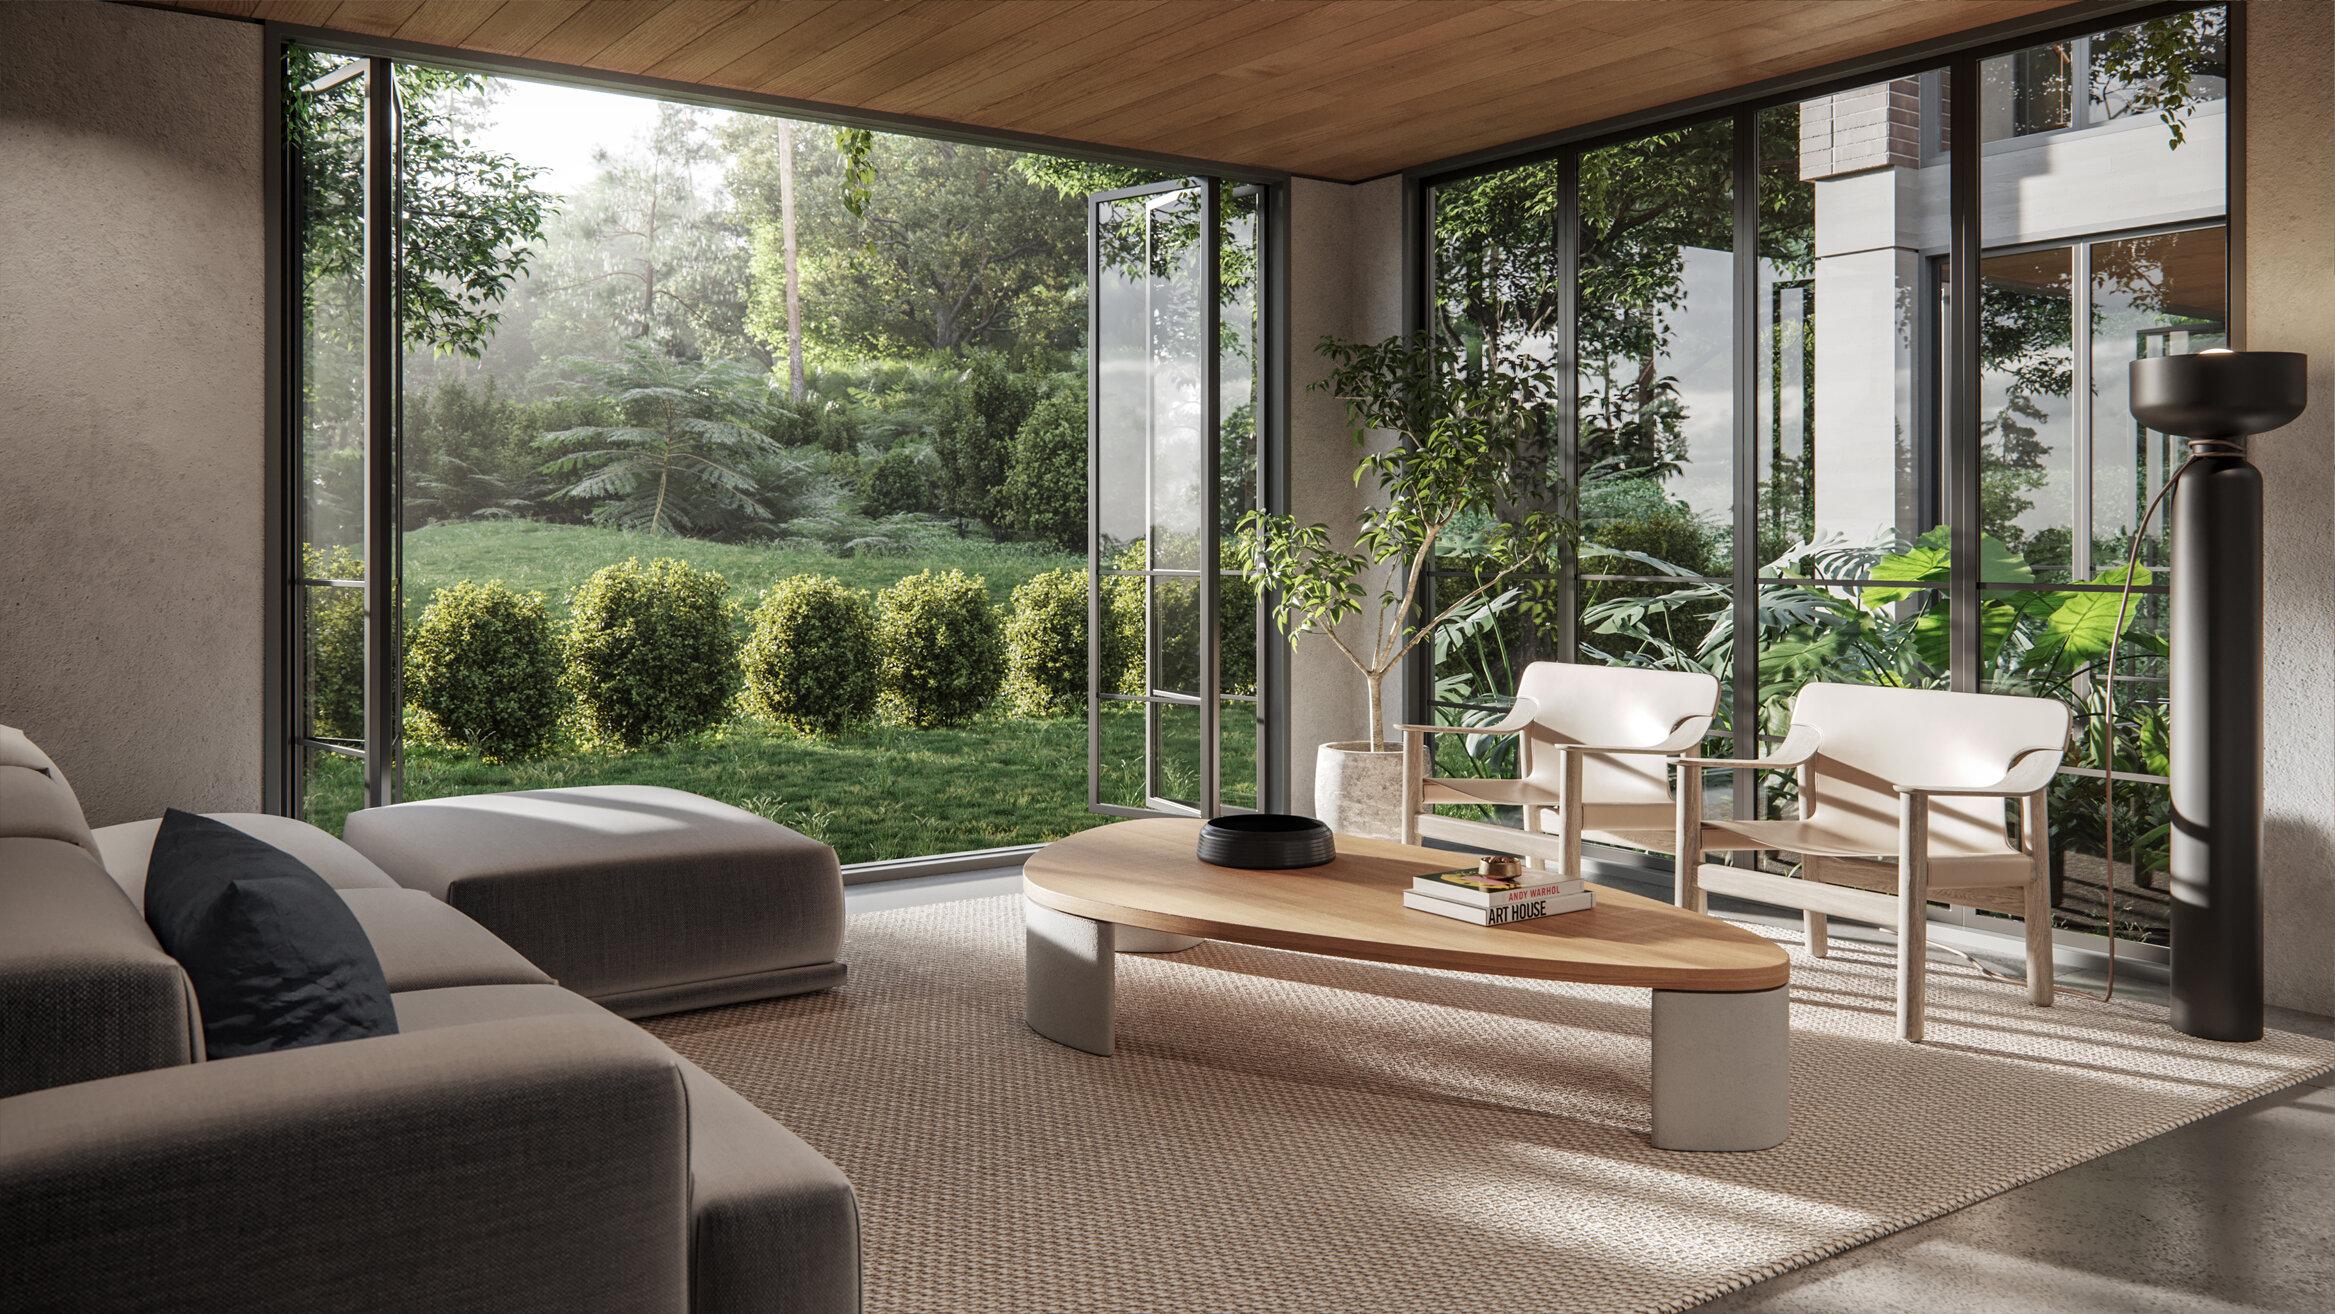 Cinco Sólidos: Una referencia en mundo de Diseño de Interiores en Colombia cinco sólidos Cinco Sólidos: Una referencia en mundo de Diseño de Interiores en Colombia MV1918 5Solidos Houzezz CasaH Sala Post